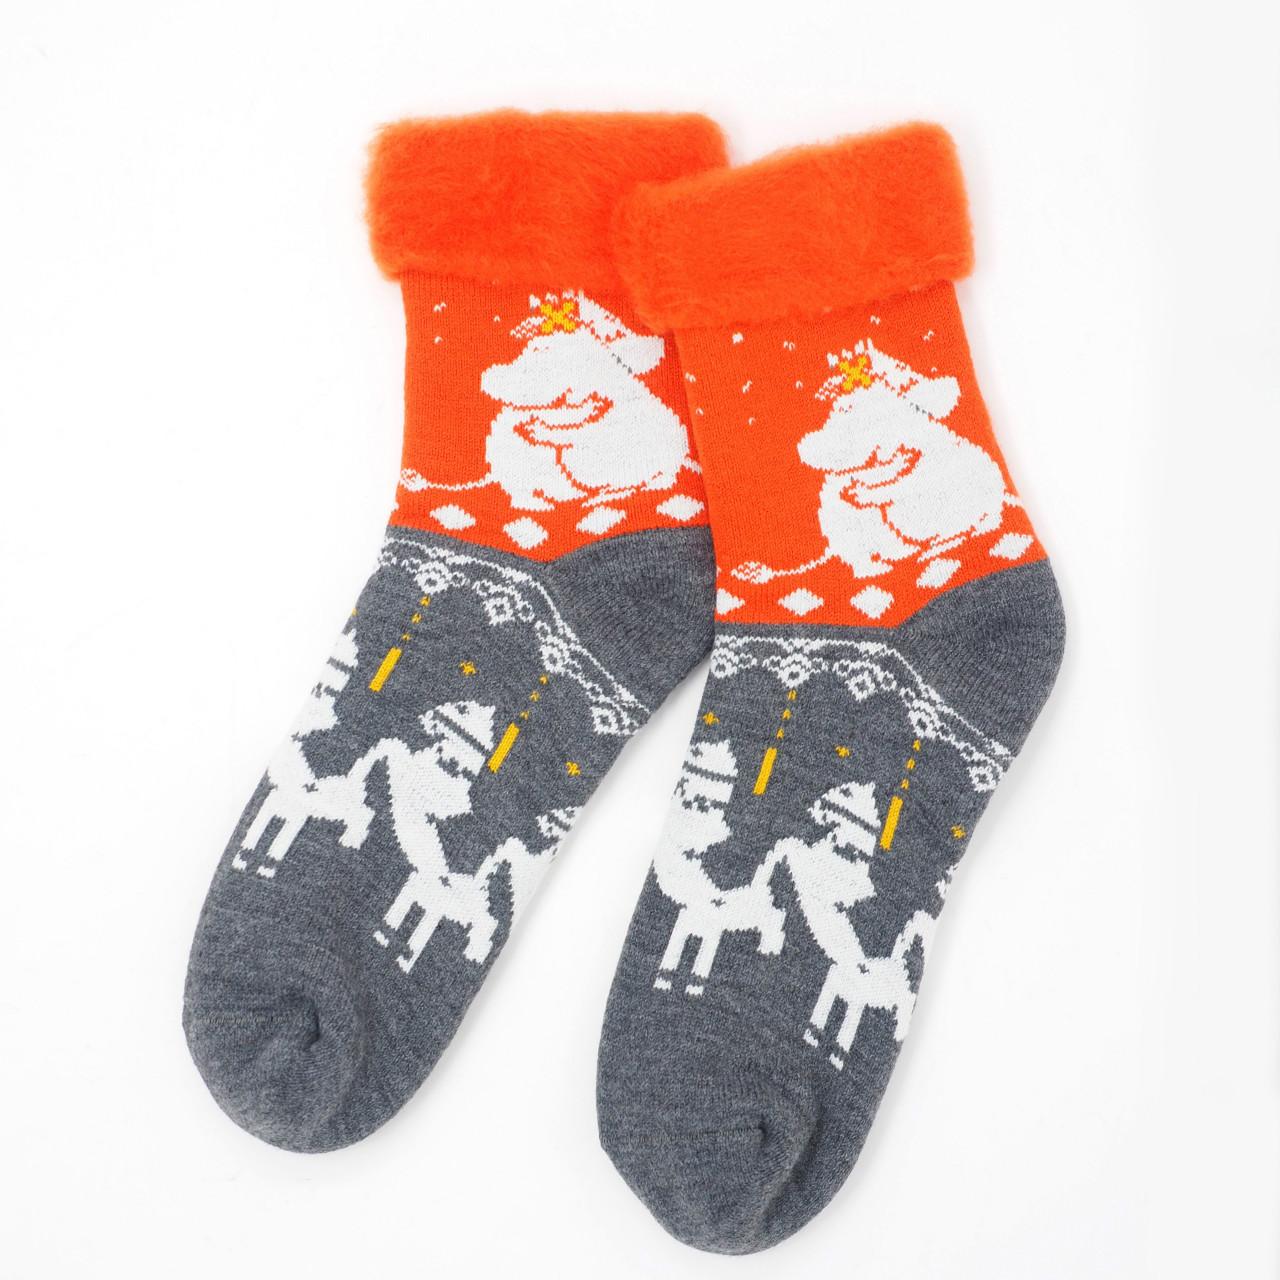 【11月2日より順次出荷】MOOMIN(フィンランド製モコモコソックス)huvipuisto フビプイスト メリーゴーランド オレンジ